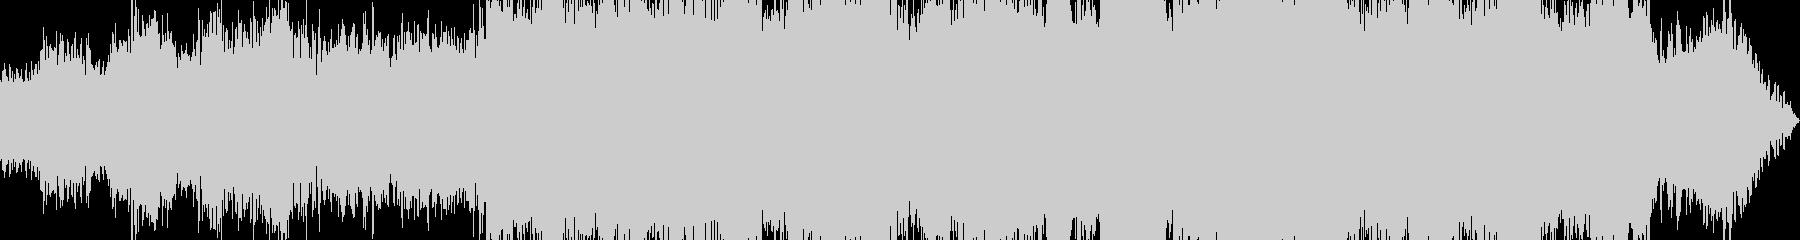 暗く、重い、シネマテイックドローン曲の未再生の波形